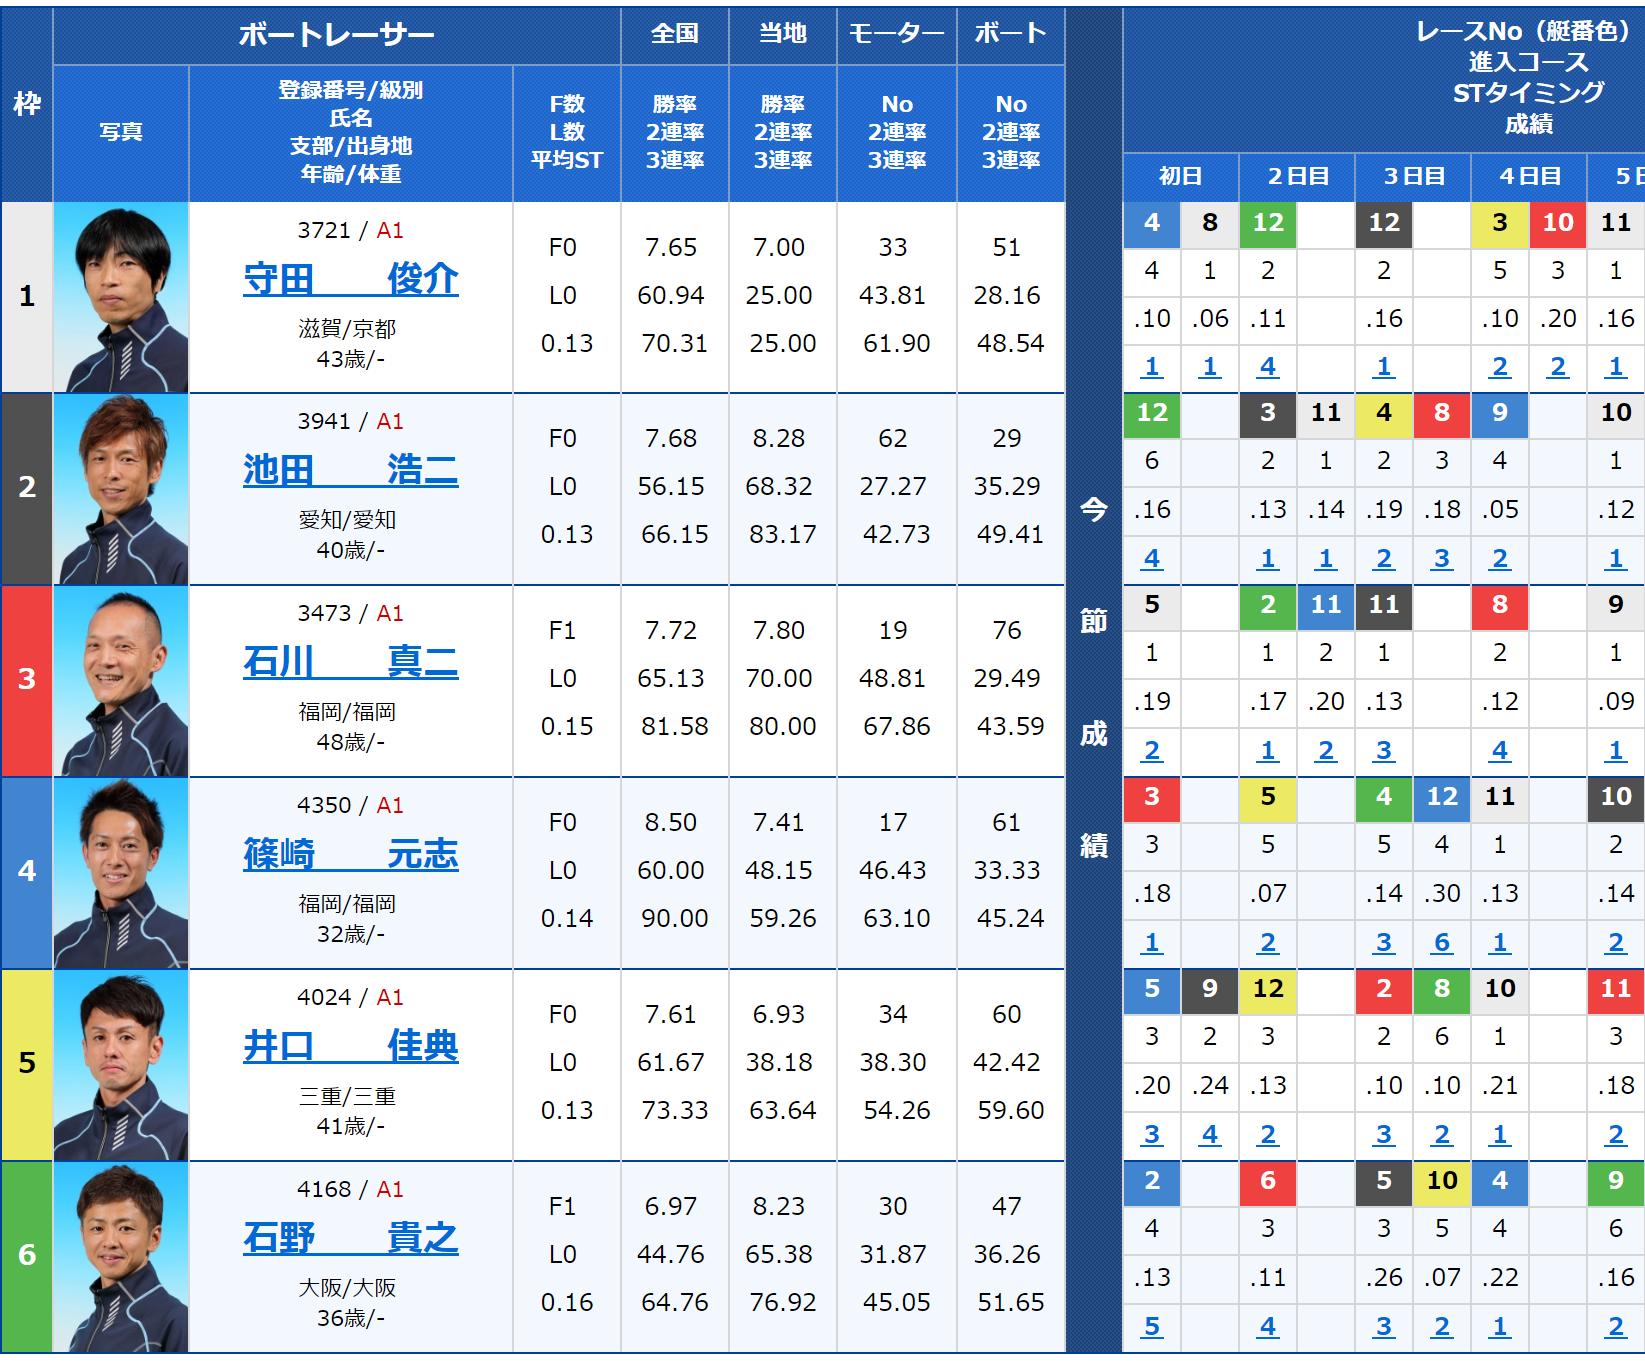 2018年10月28日蒲郡SGボートレースダービー最終日12Rの出走表